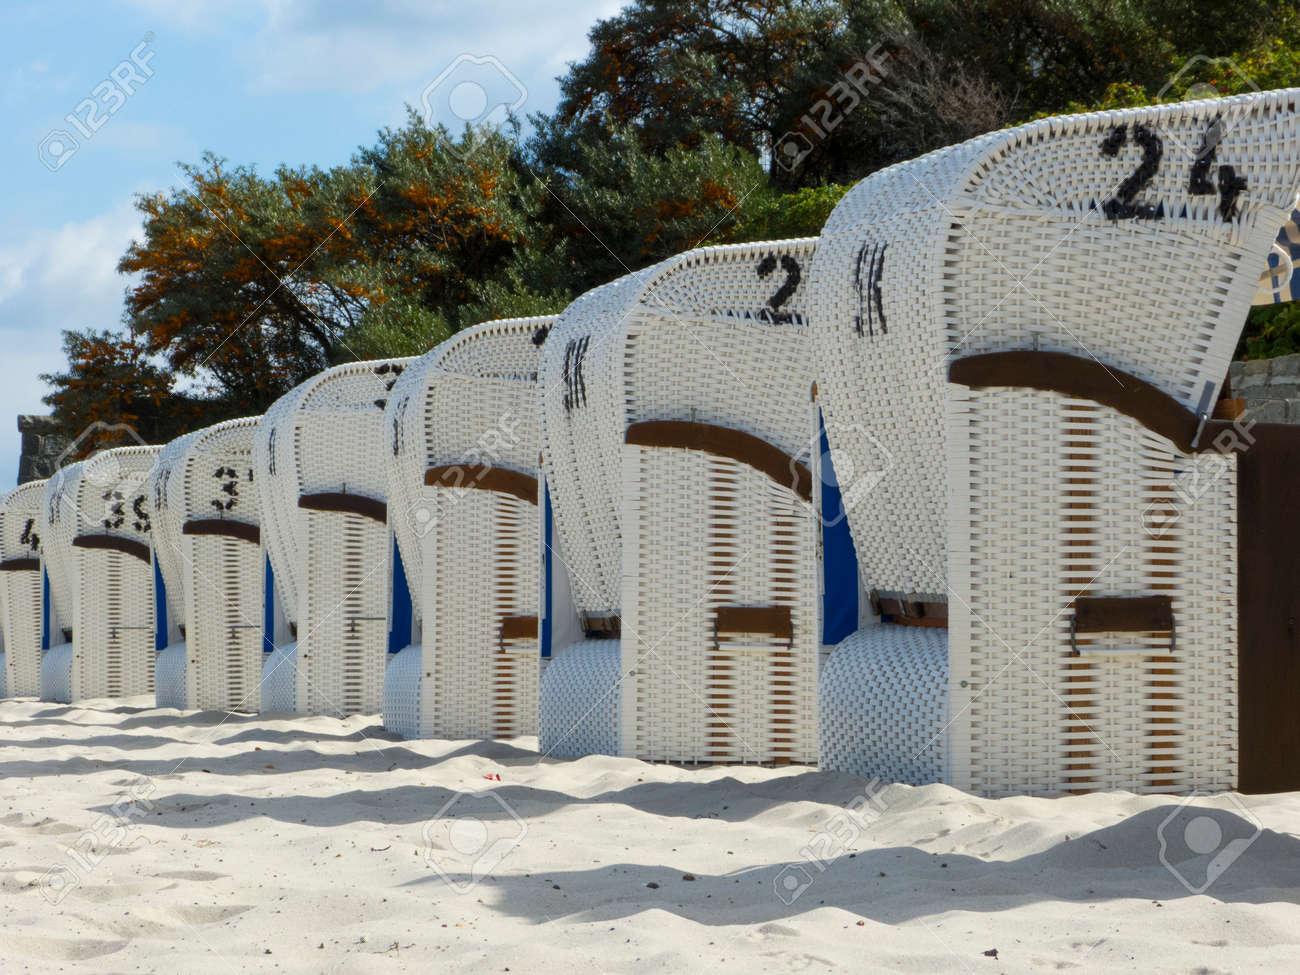 Strandkorb nordsee  Strandkorb An Der Nordsee Und Ostsee Strandkorb Ist Aus Holz Und ...